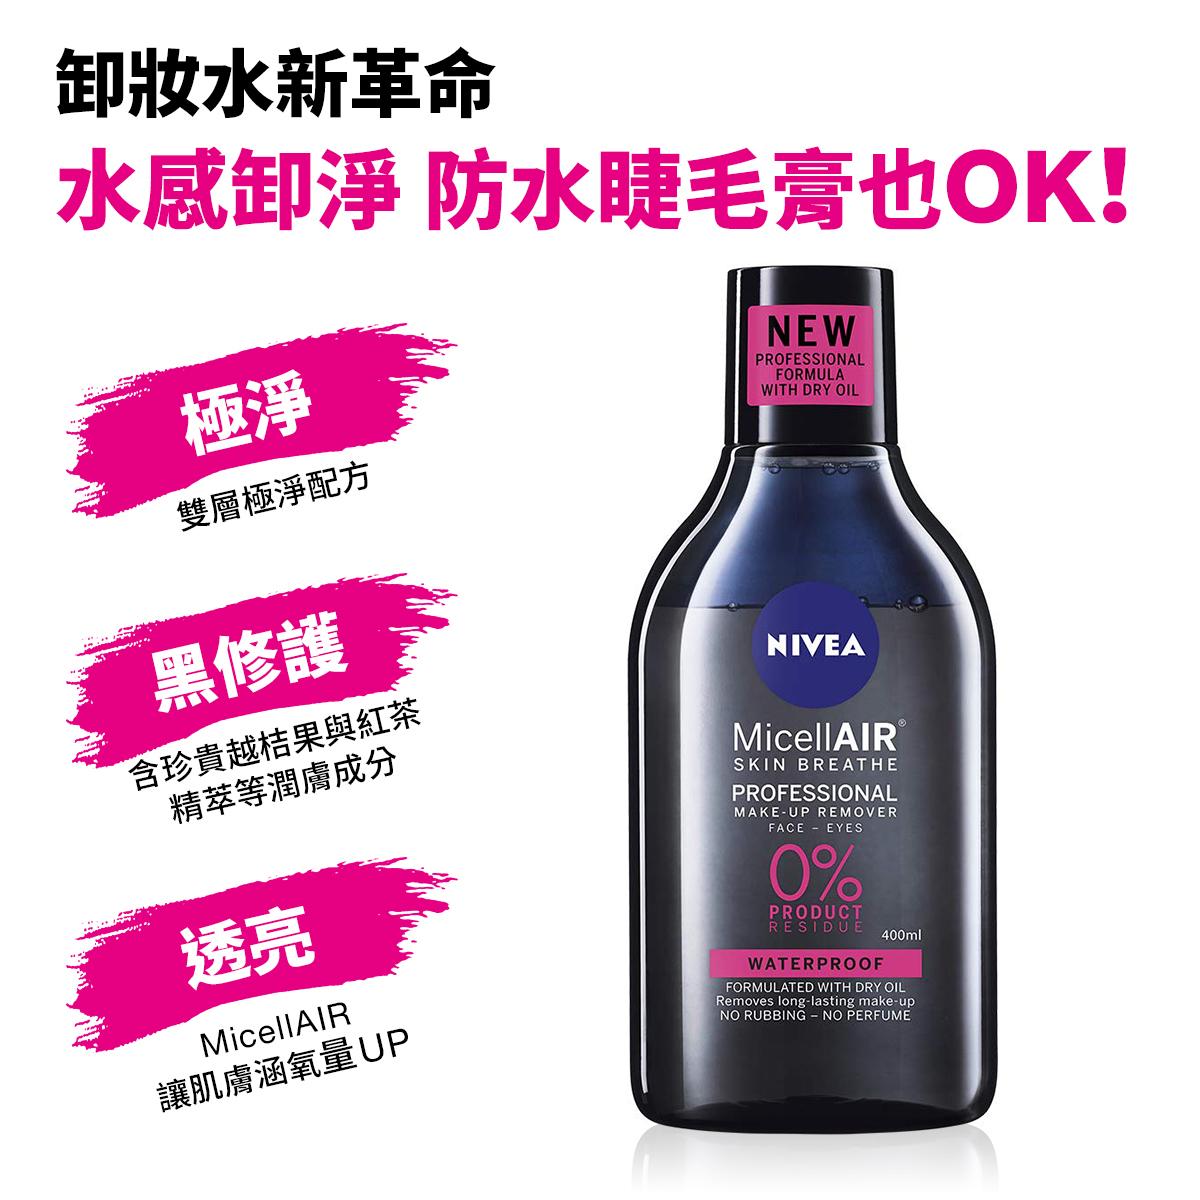 妮維雅雙層極淨卸妝水400毫升3入,含珍貴越桔果與紅茶精萃等潤膚成分,MicellAir讓肌膚含氧量提高.